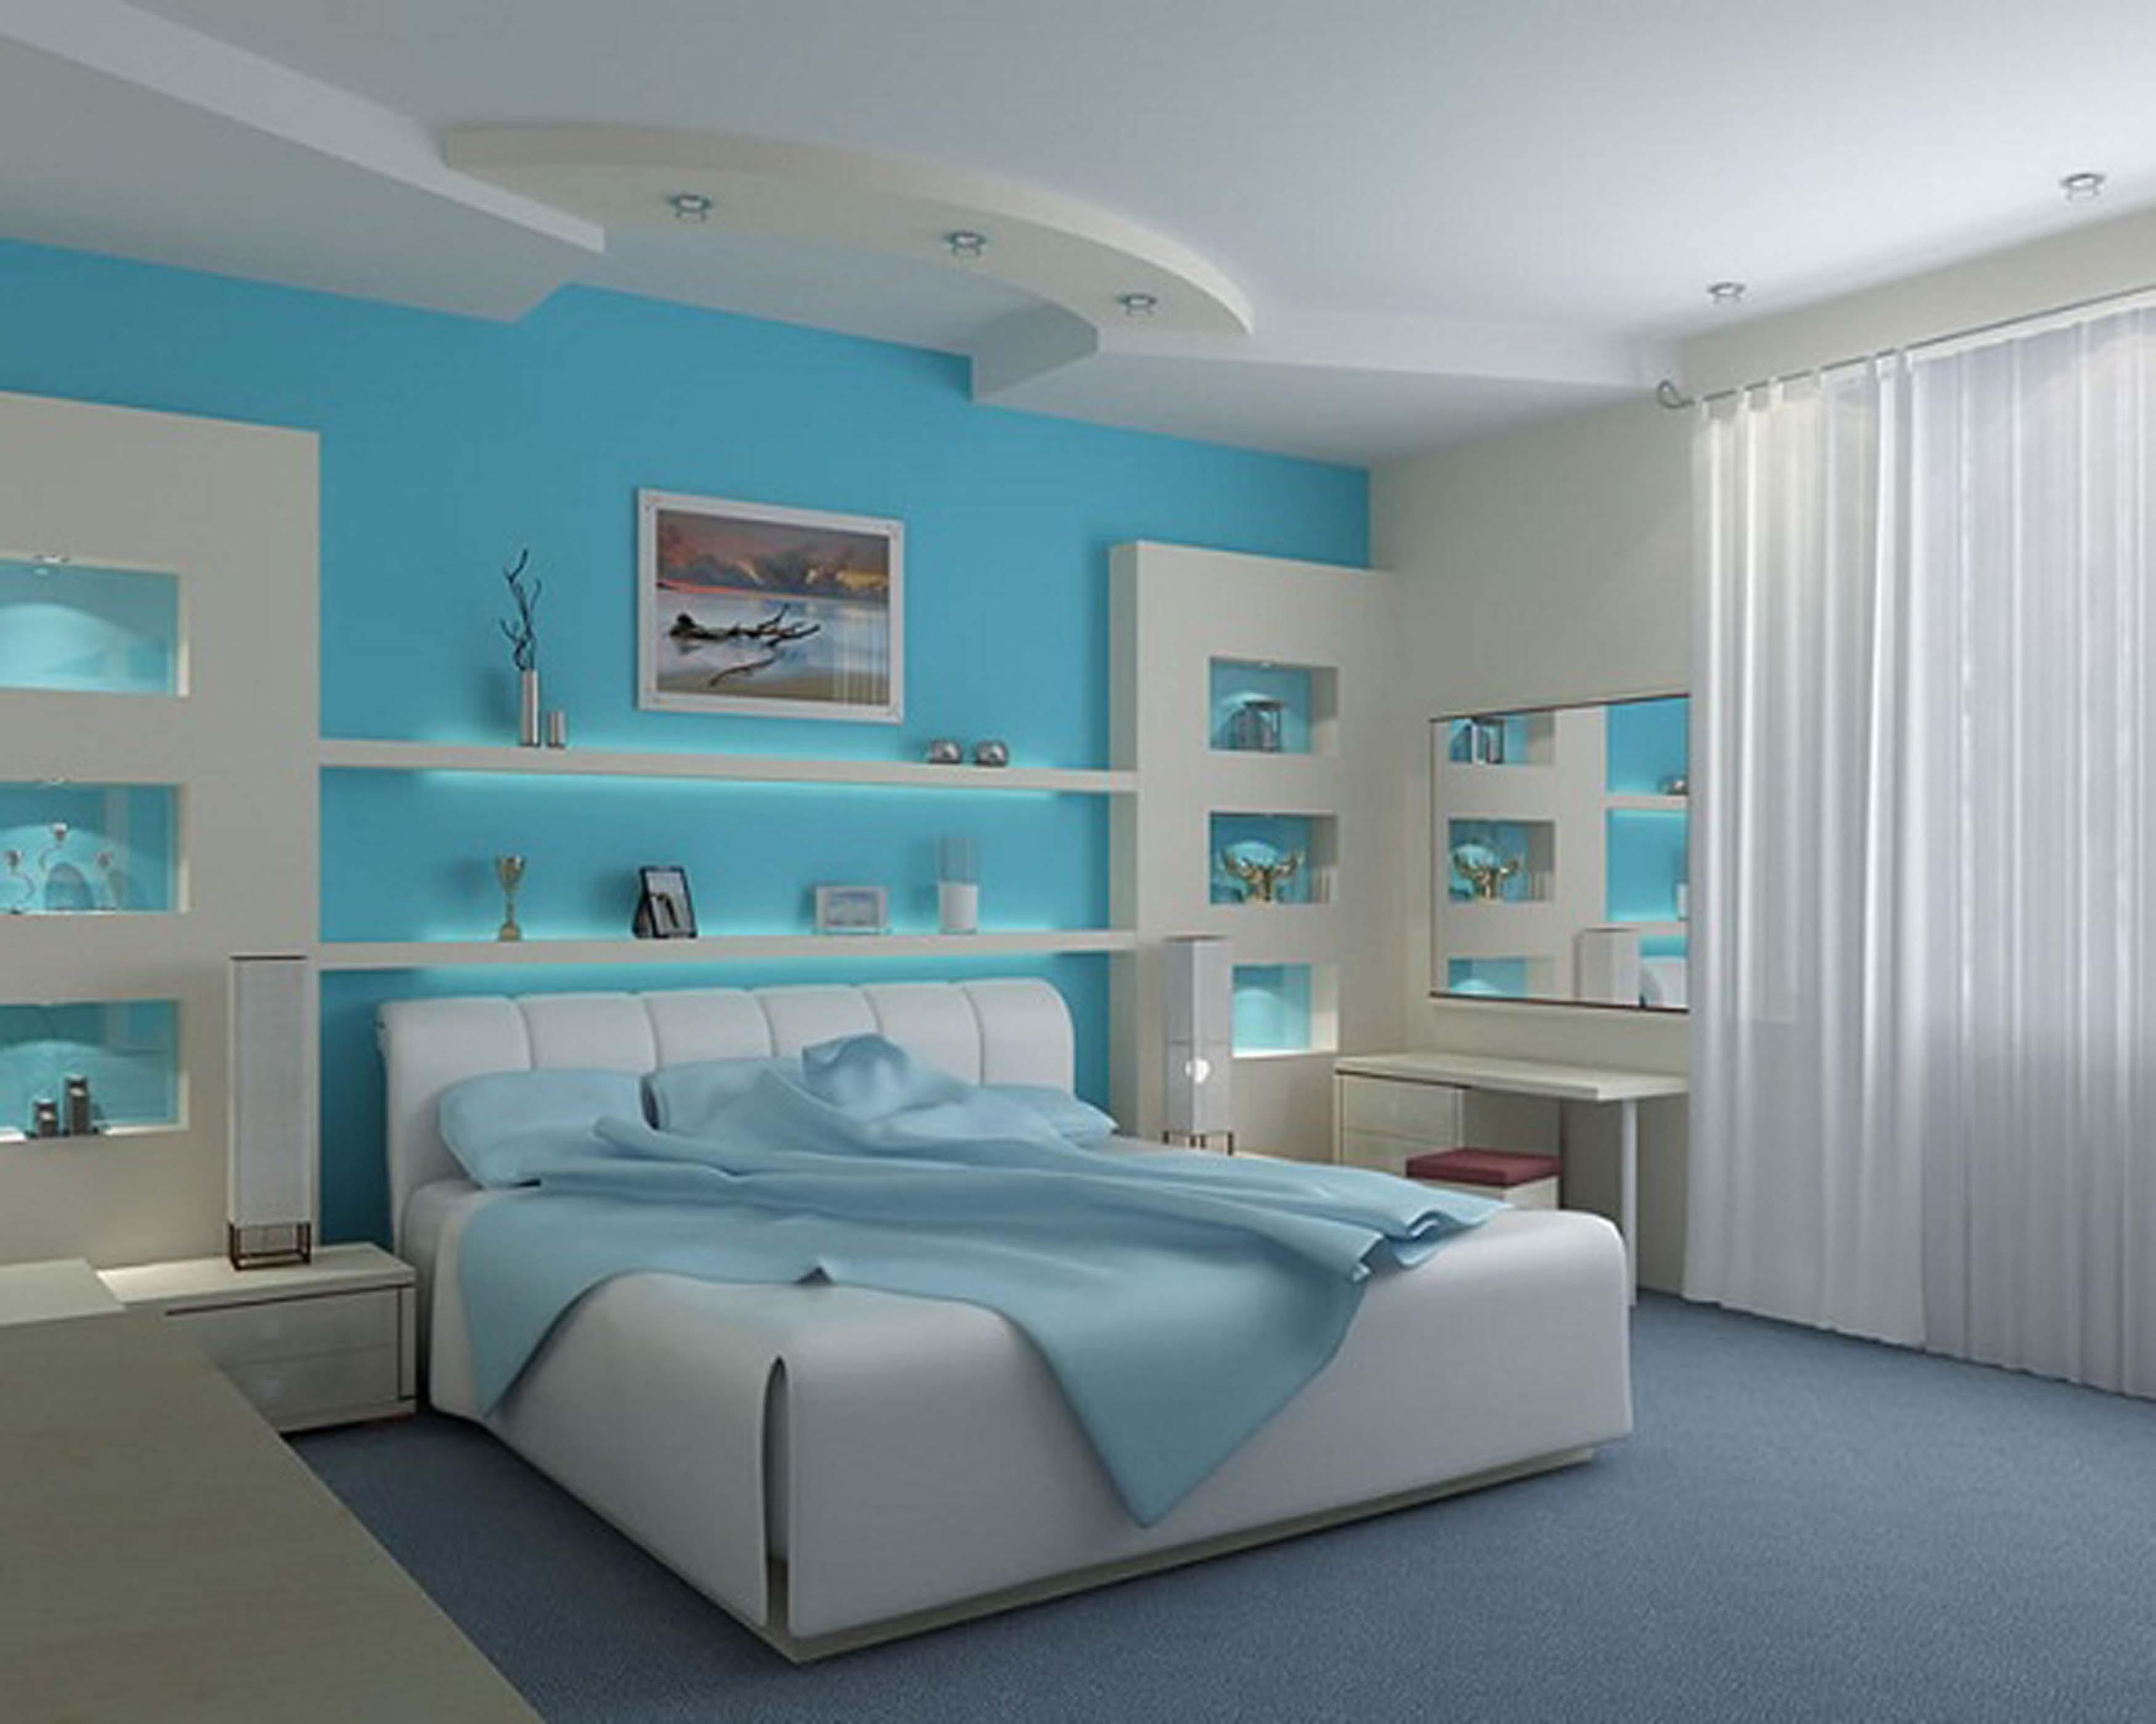 در اتاق خواب چه میگذرد Дизайн спальни фотогалерея интерьера